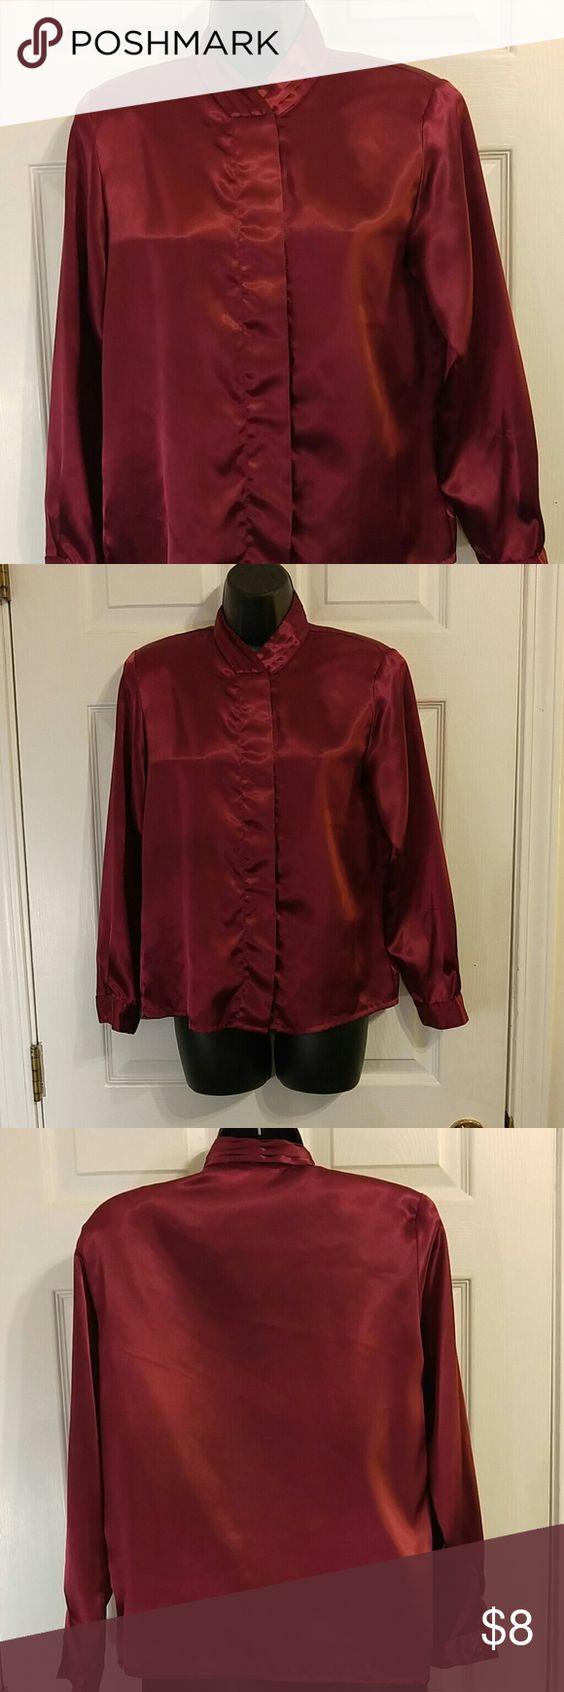 Worthington Burgundy Button Down Blouse Burgundy button down blouse. In good condition. Size 4. 100% polyester. Worthington Tops Button Down Shirts